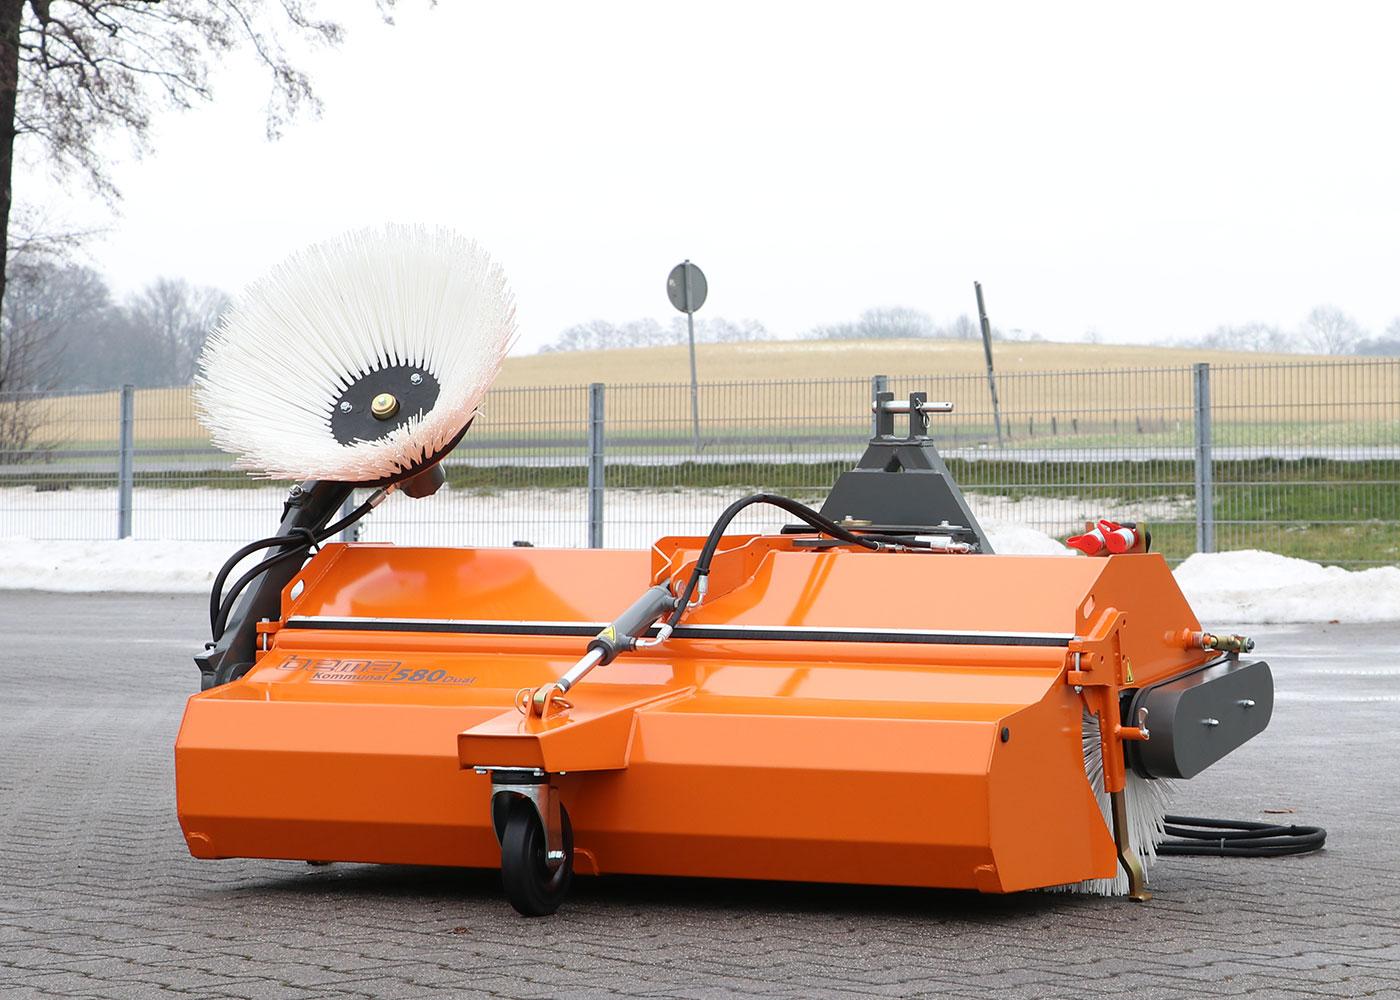 210301_06_bema_Kommunal_580_Dual_mechanischer-Antrieb+Schwenkeinrichtung.JPG